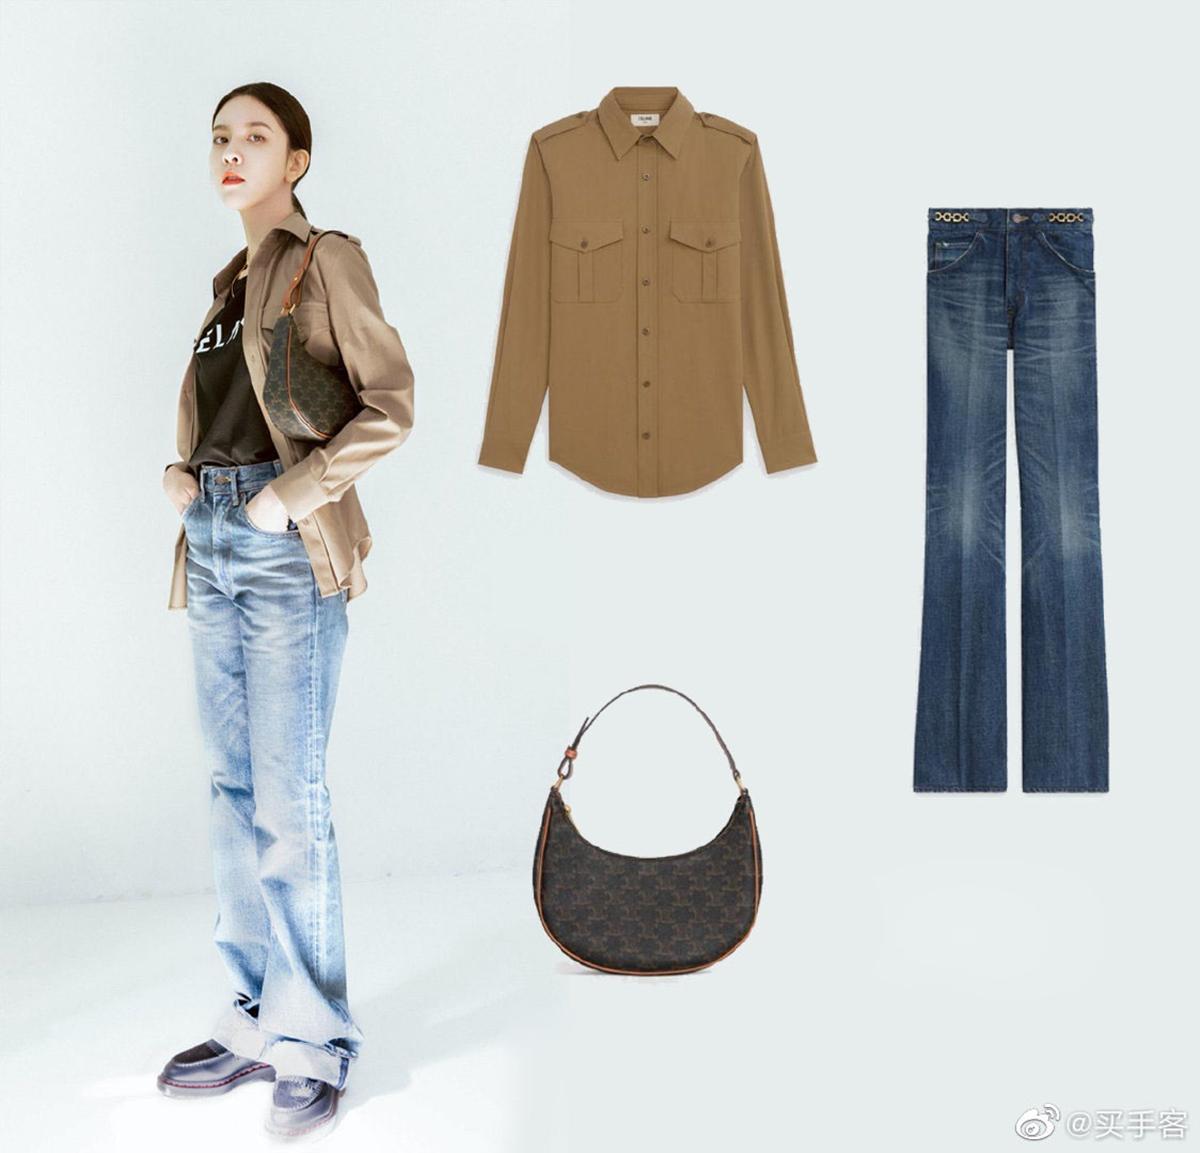 Trên Weibo, Tống Nghiên Phi được khán giả khen cá tính khi tạo dáng với set đồ phong cách retro, cổ điển thập niên 1970. Áo thun đen, sơ mi khoác ngoài, quần jeans và túi đeo vai đều thuộc BST mới nhất của nhà mốt Celine.